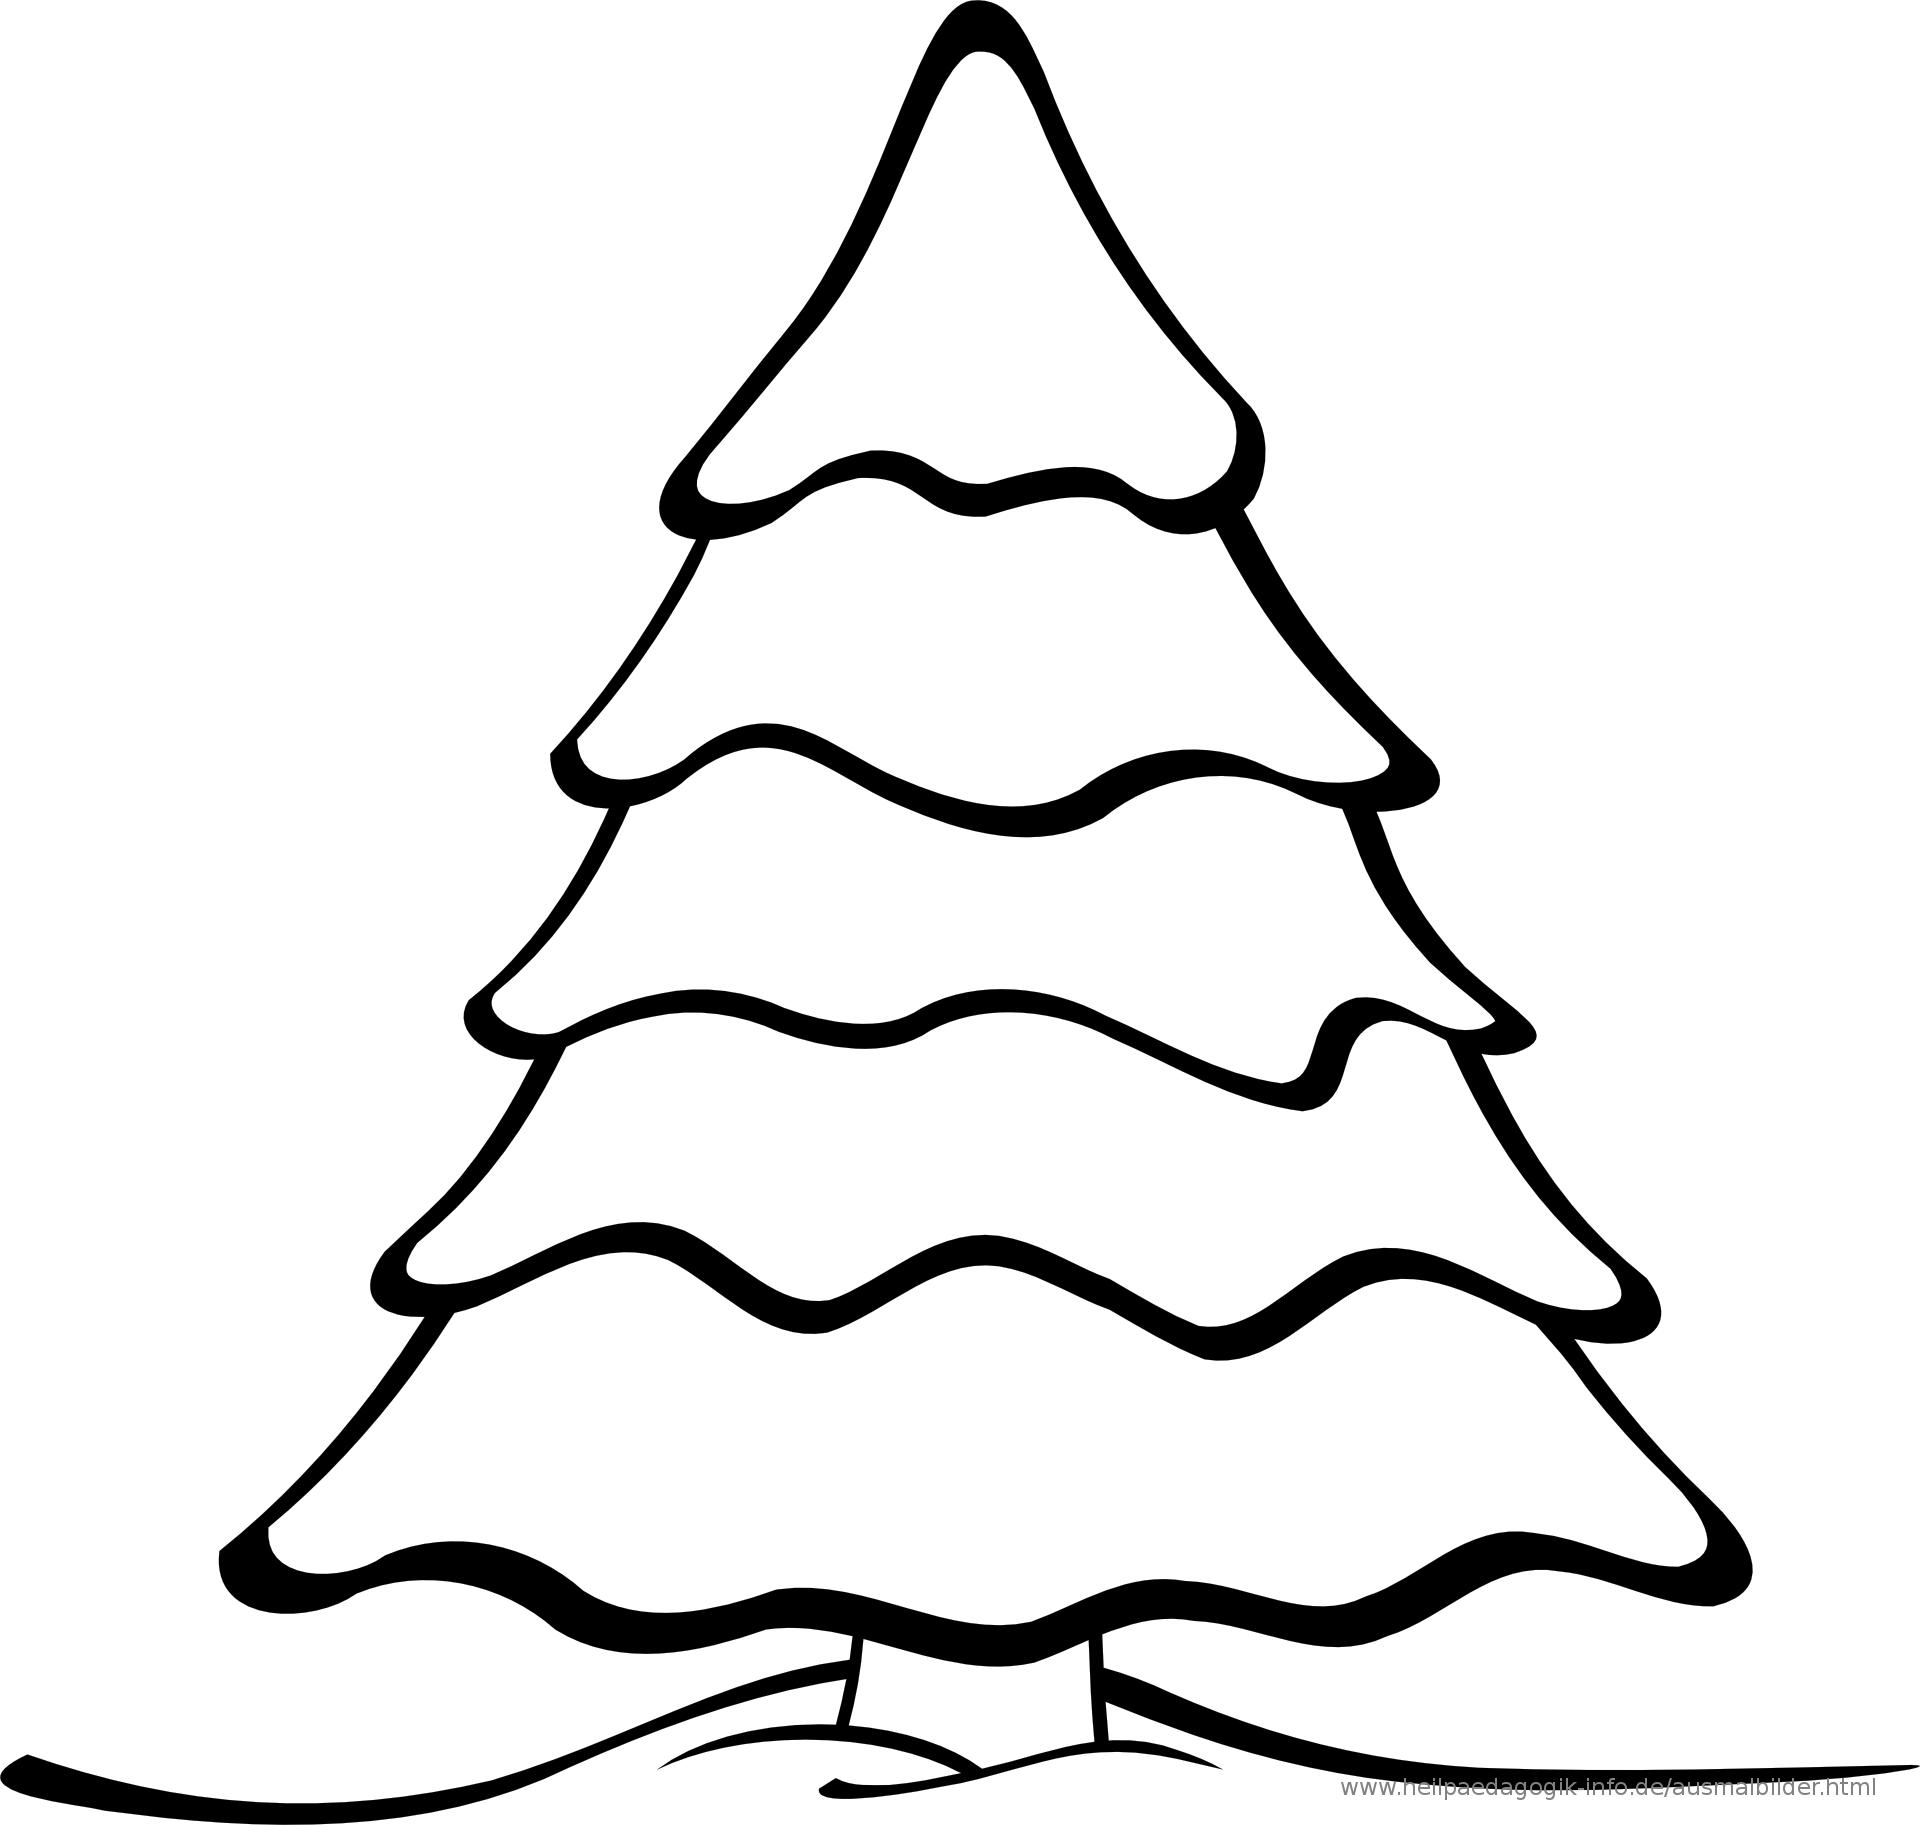 Malvorlage Tannenbaum Pdf Murderthestout Malvorlagen Weihnachten Malvorlage Tannenbaum Weihnachtsbaum Silhouette